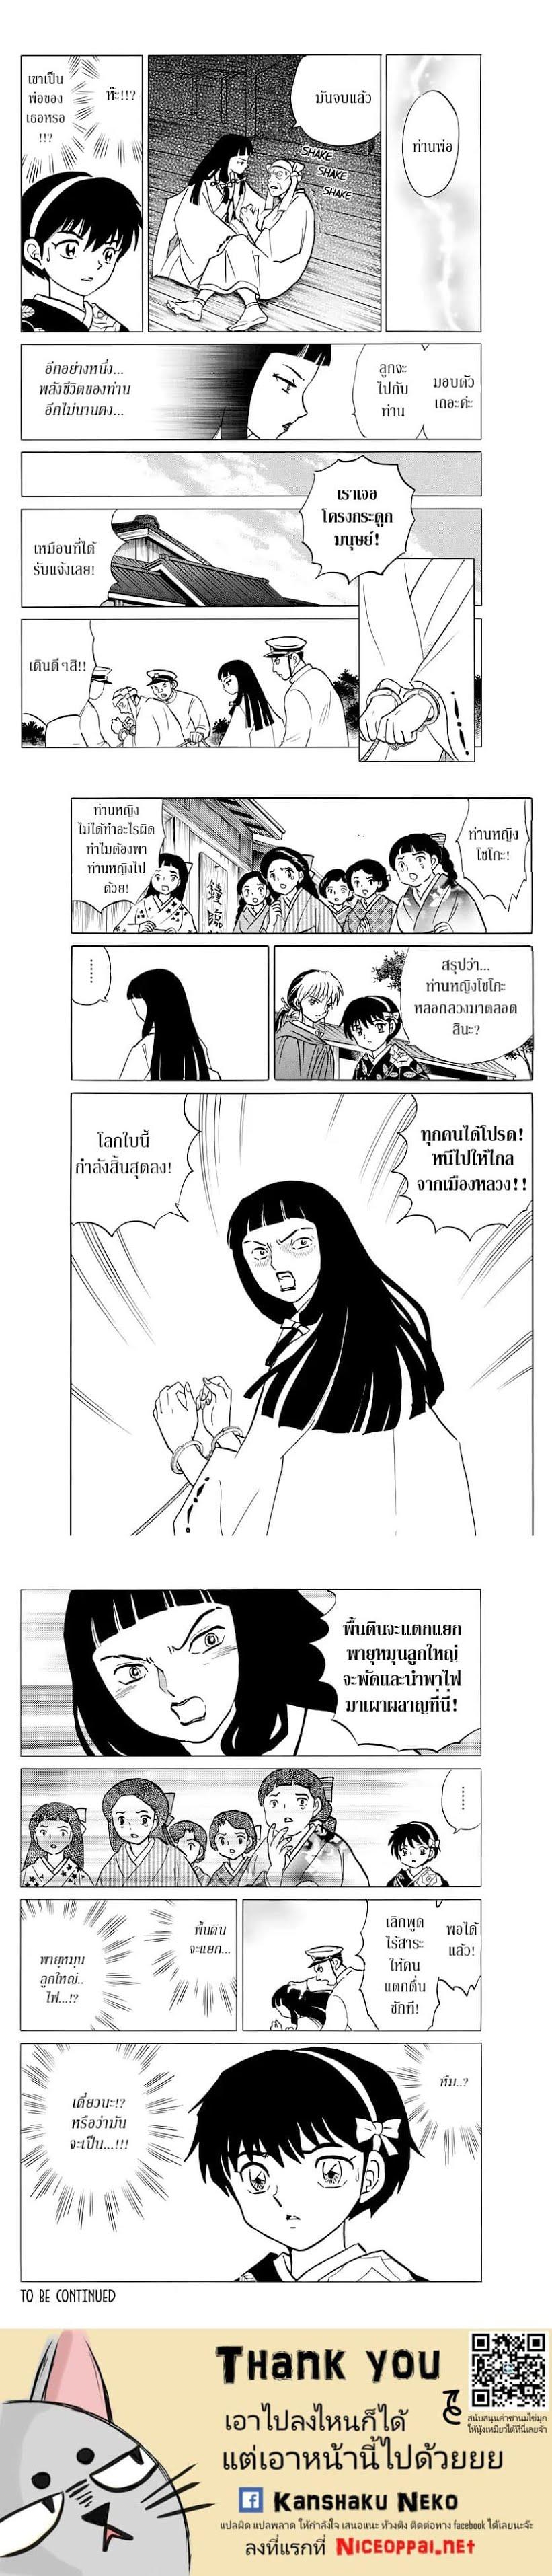 อ่านการ์ตูน Mao ตอนที่ 11 หน้าที่ 16